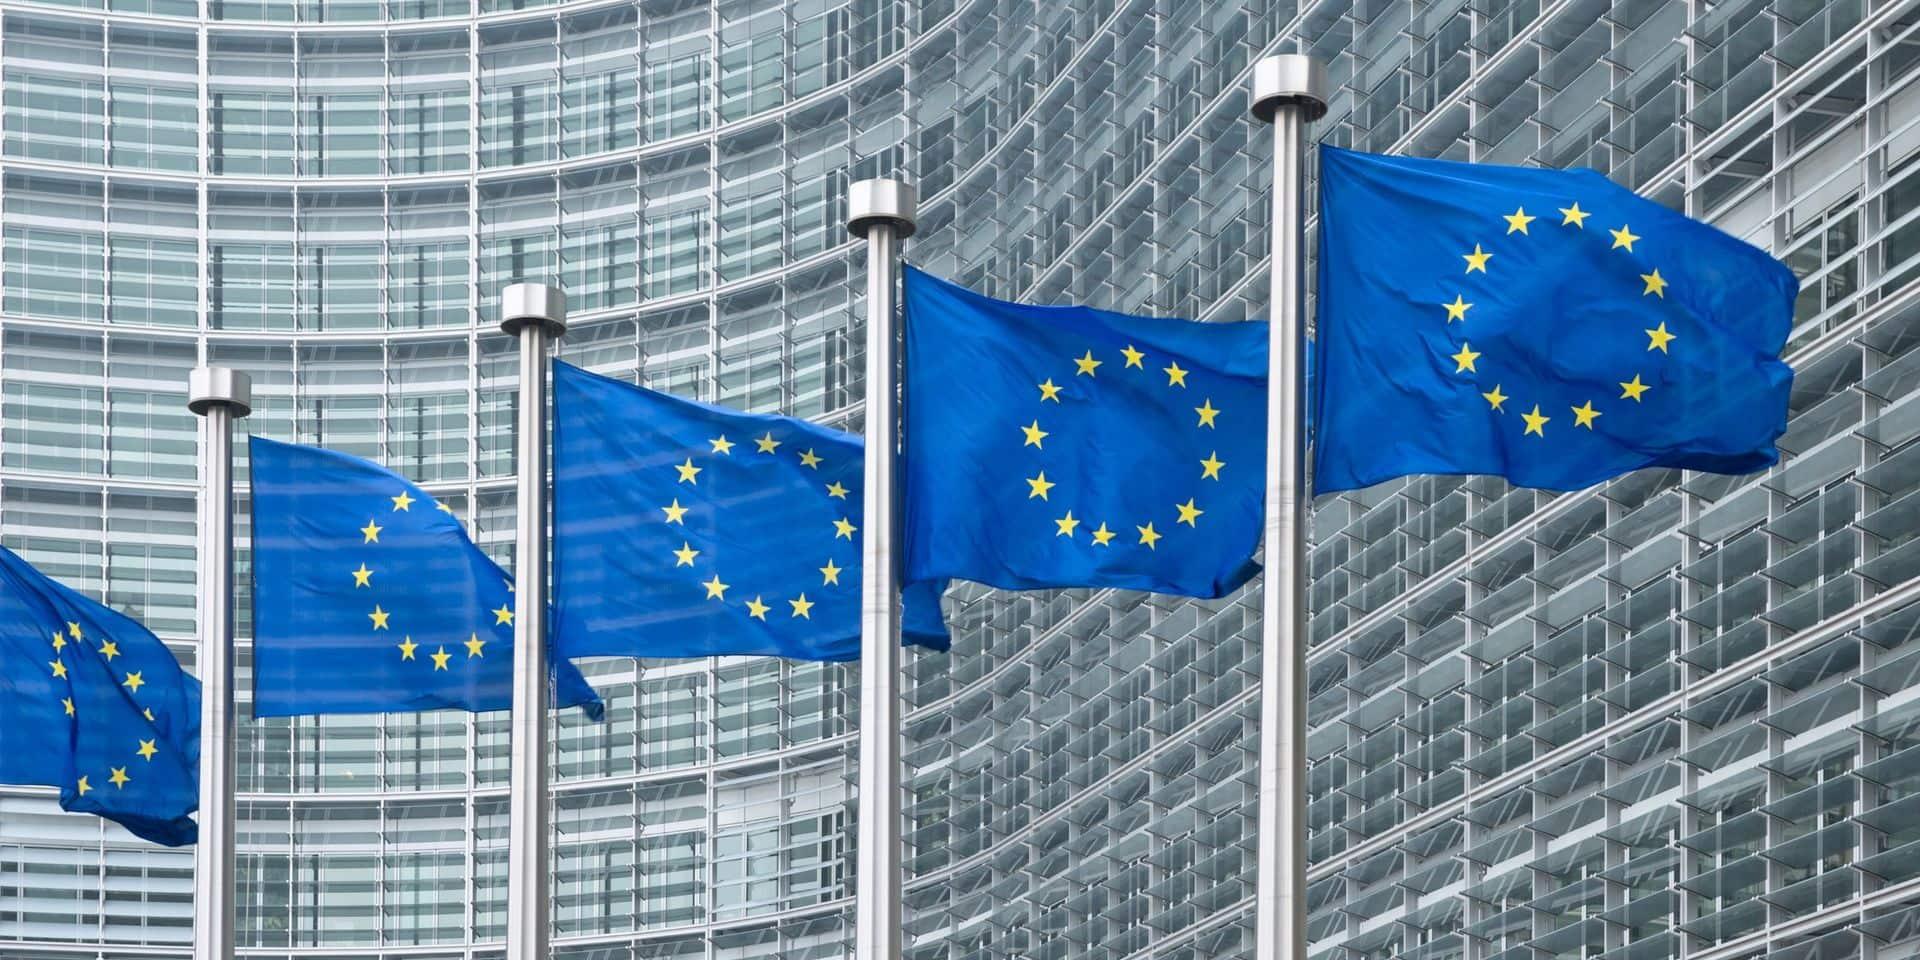 Coronavirus: la Belgique demande 7,8 milliards d'euros d'aide à l'UE dans le cadre du programme SURE -2